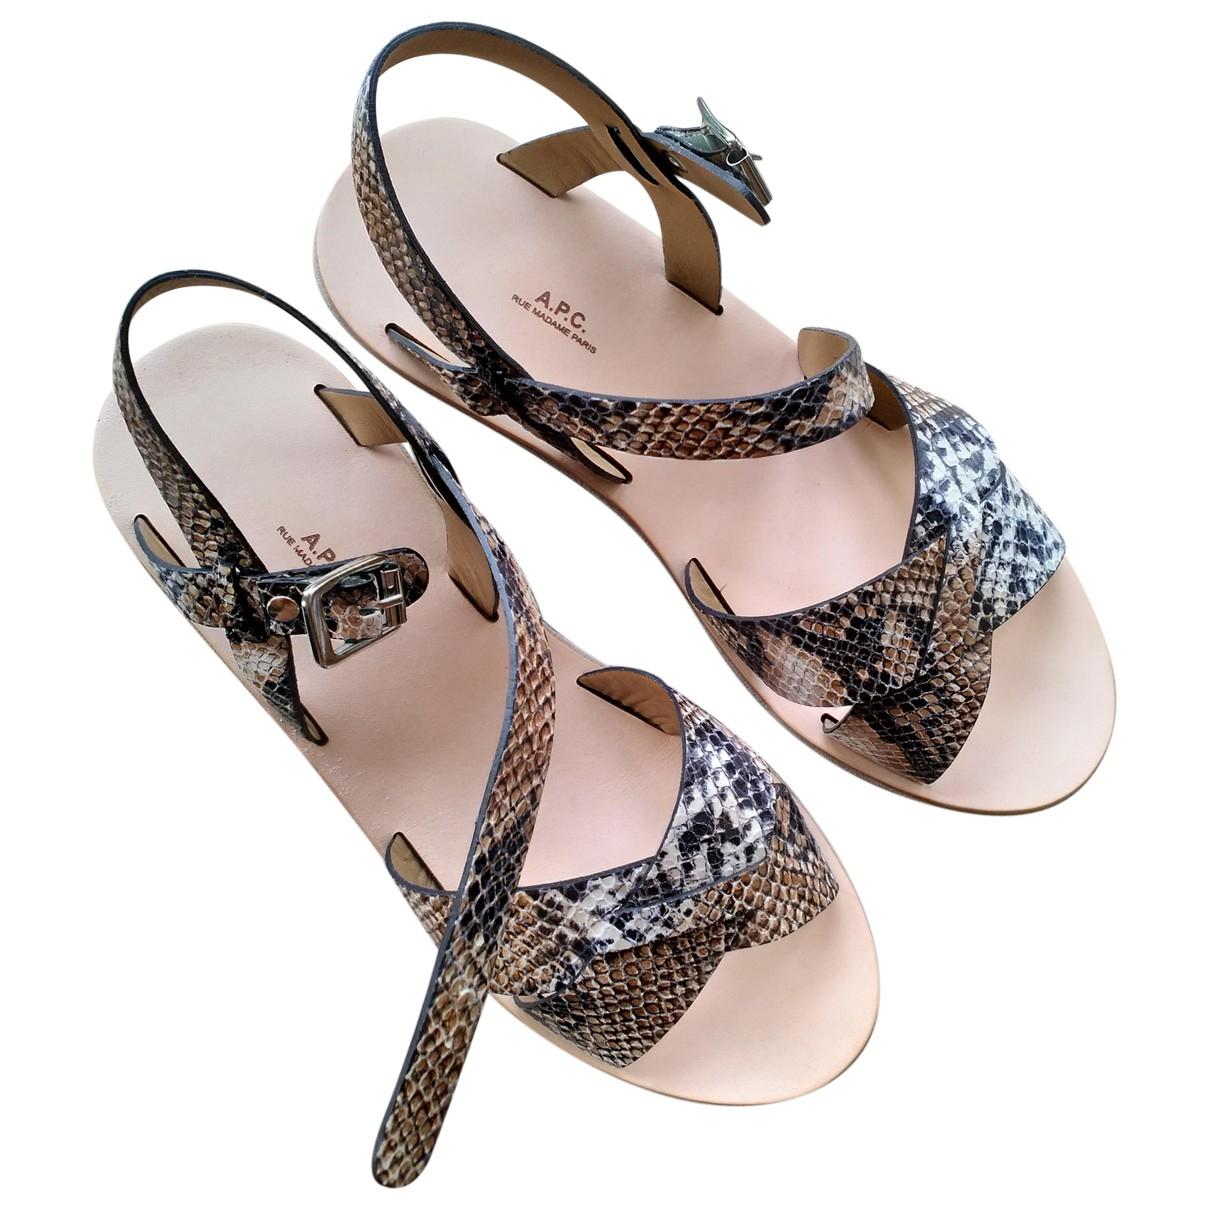 Apc - Sandales   pour femme en cuir